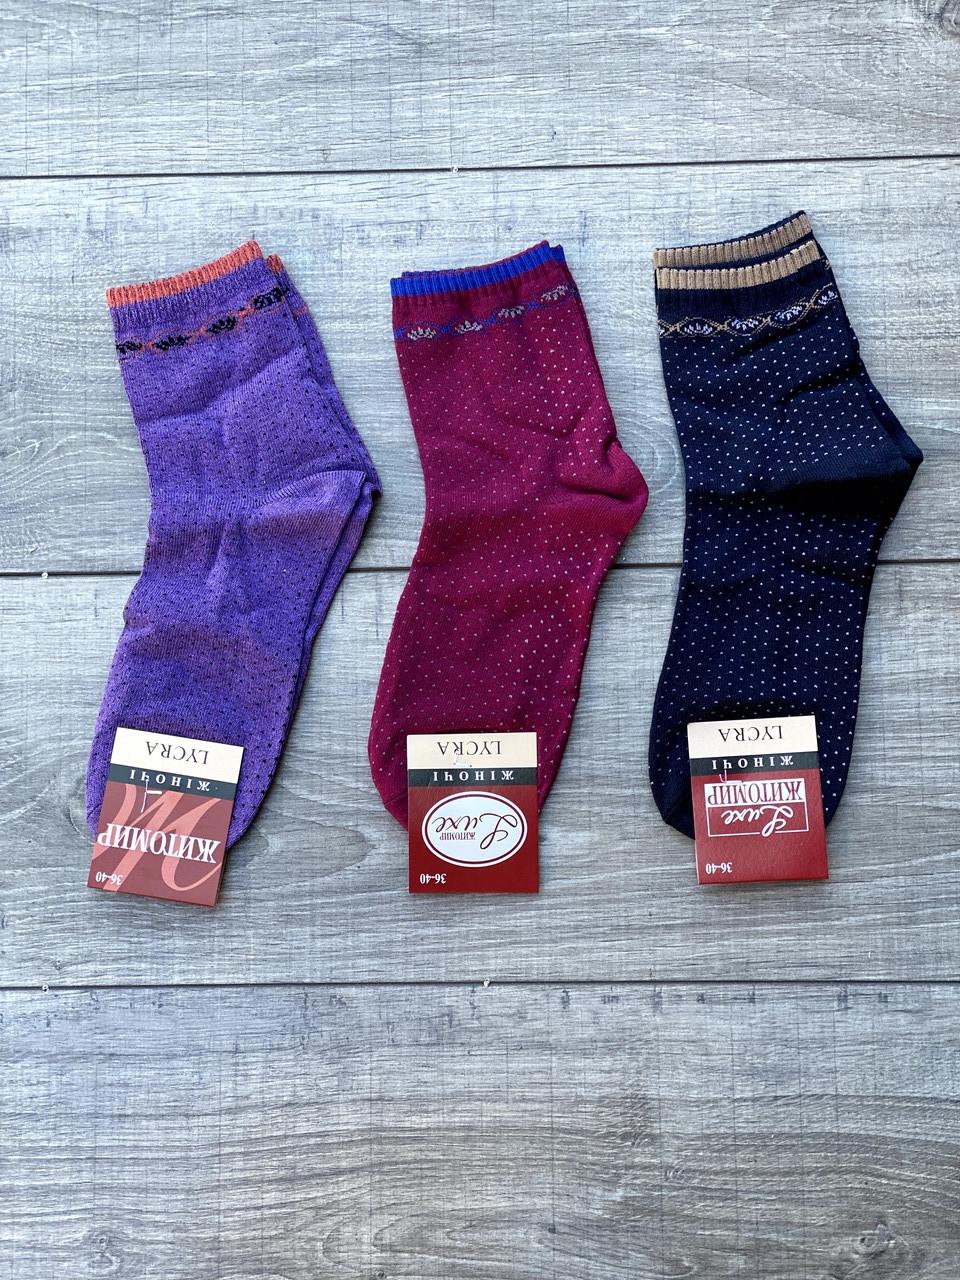 Жіночі носки в білий горошок шкарпетки стрейчеві Житомир Люкс 36-40  12 шт в уп асорті 3-ох кольорів